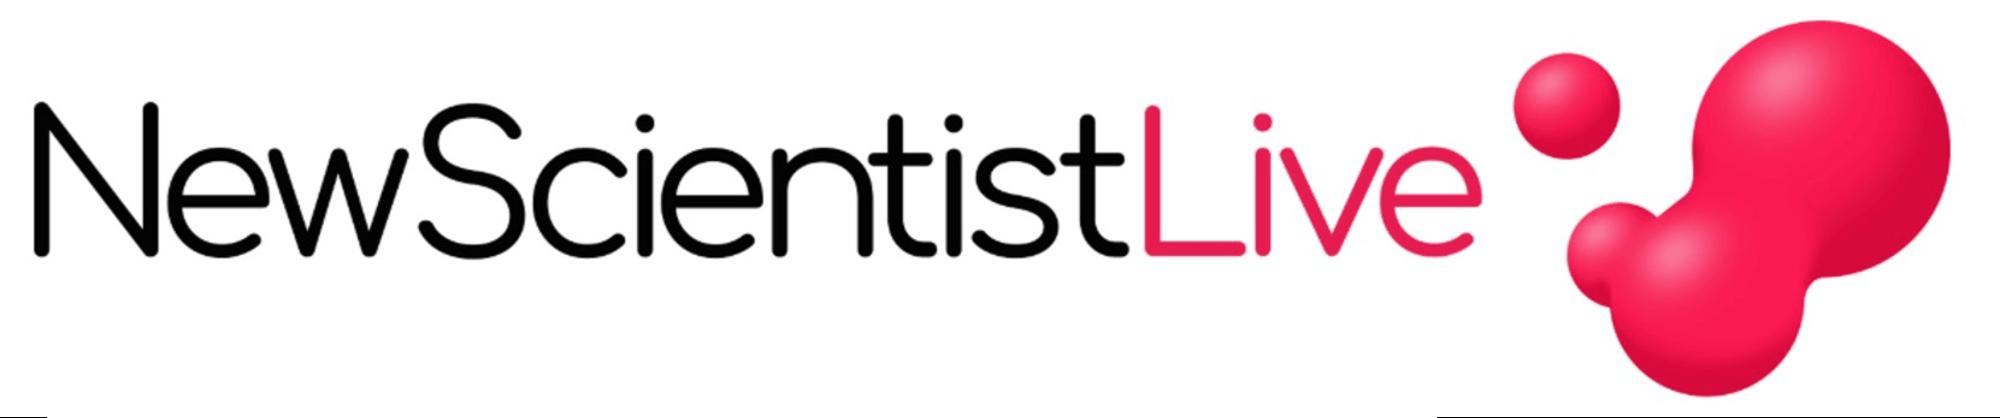 new scientist live London Sensiks VR